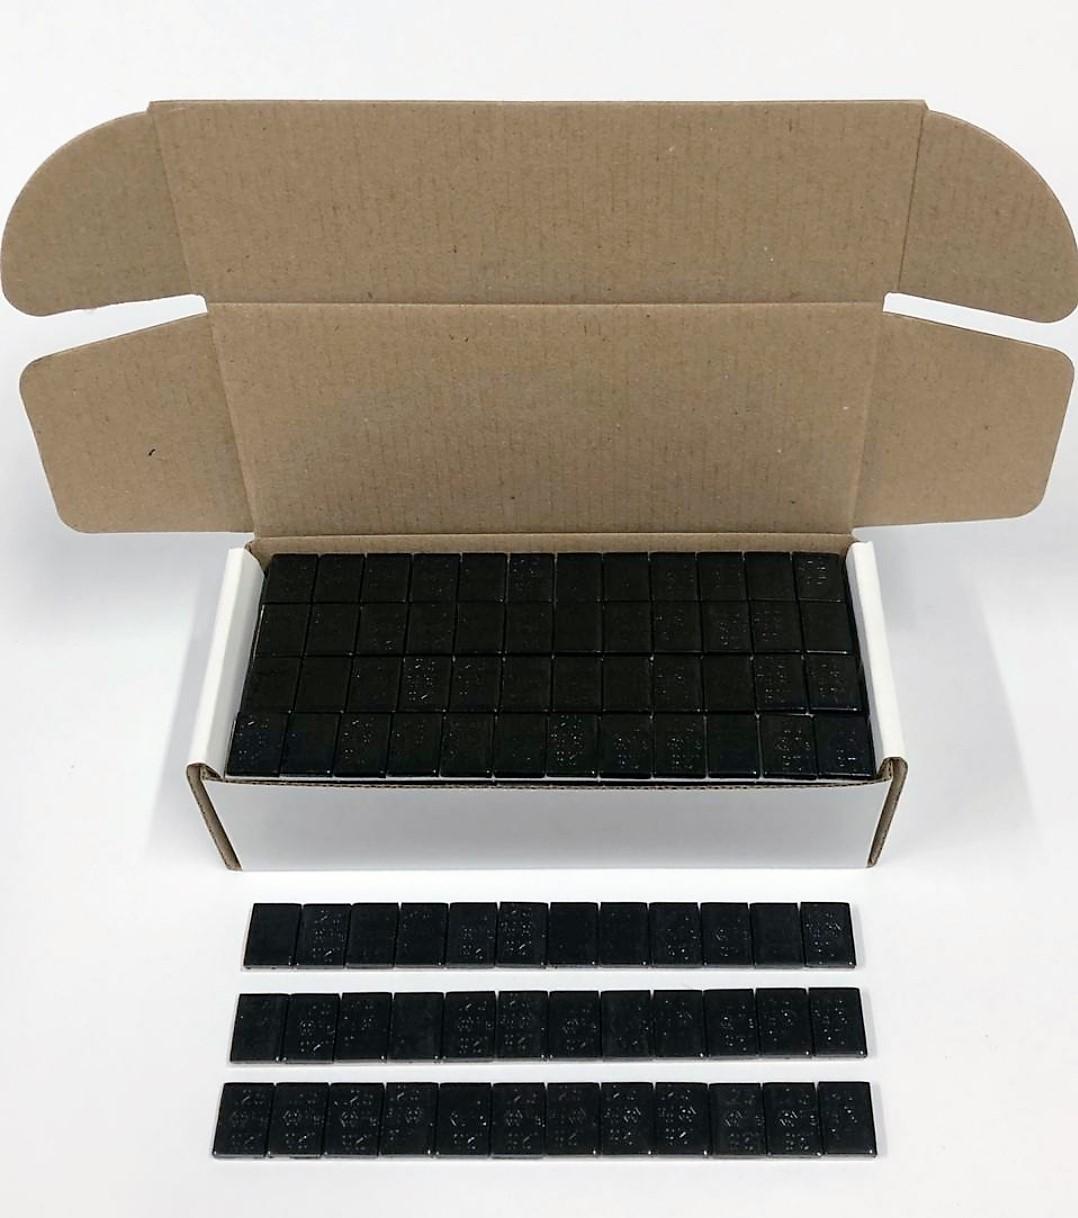 Barra adhesiva en color negro pasa desapercibida en rines de fondo negro